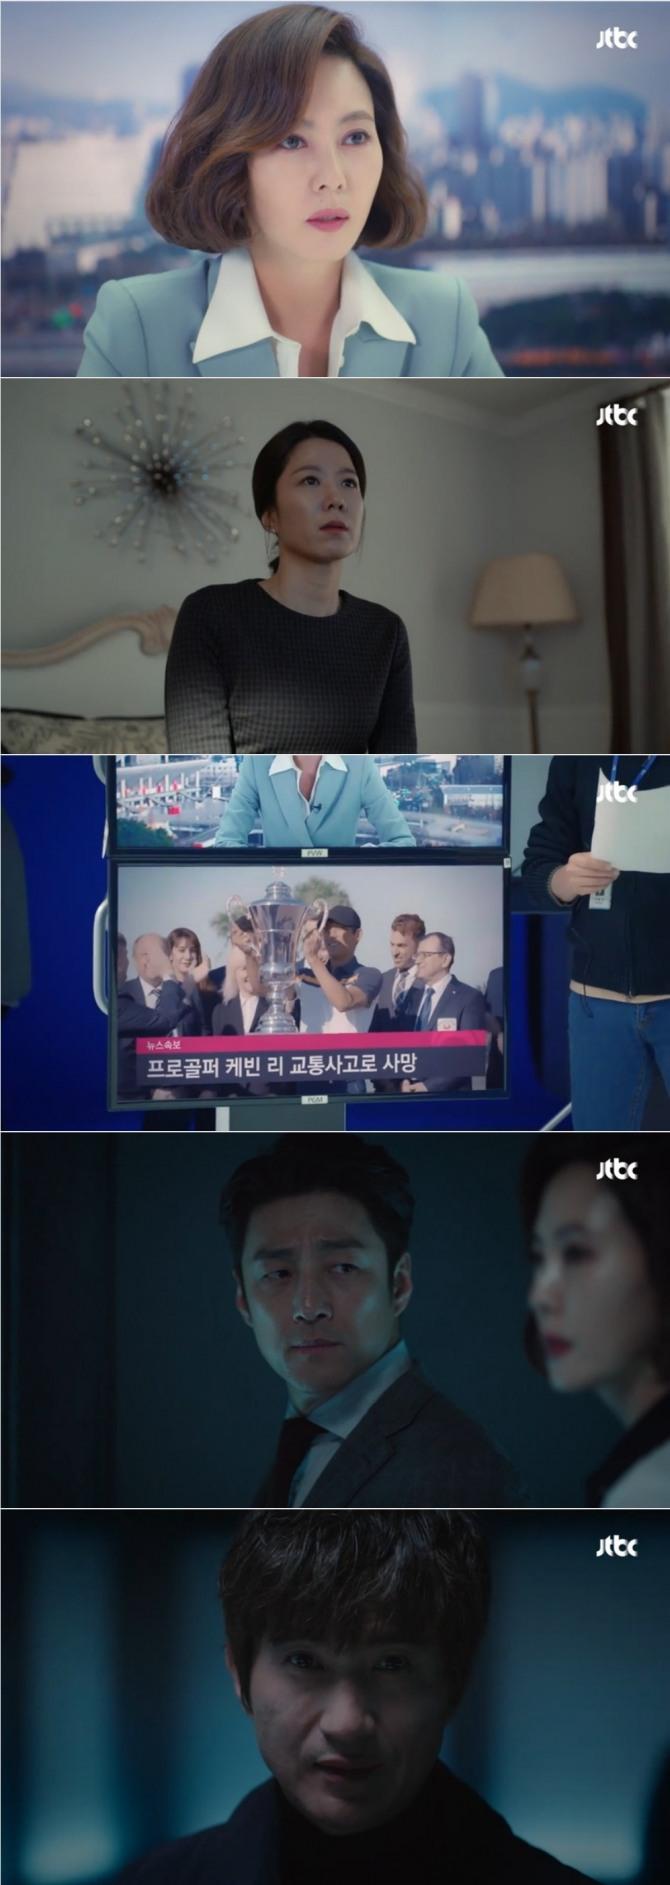 지난 10일 방송된 JTBC 금토드라마 미스티 4회에서는 고혜란(김남주)이 프로골퍼 케빈 리(고준) 살해 용의자로 지목되는 충격 반전이 그려졌다. 사진=JTBC 방송 캡처